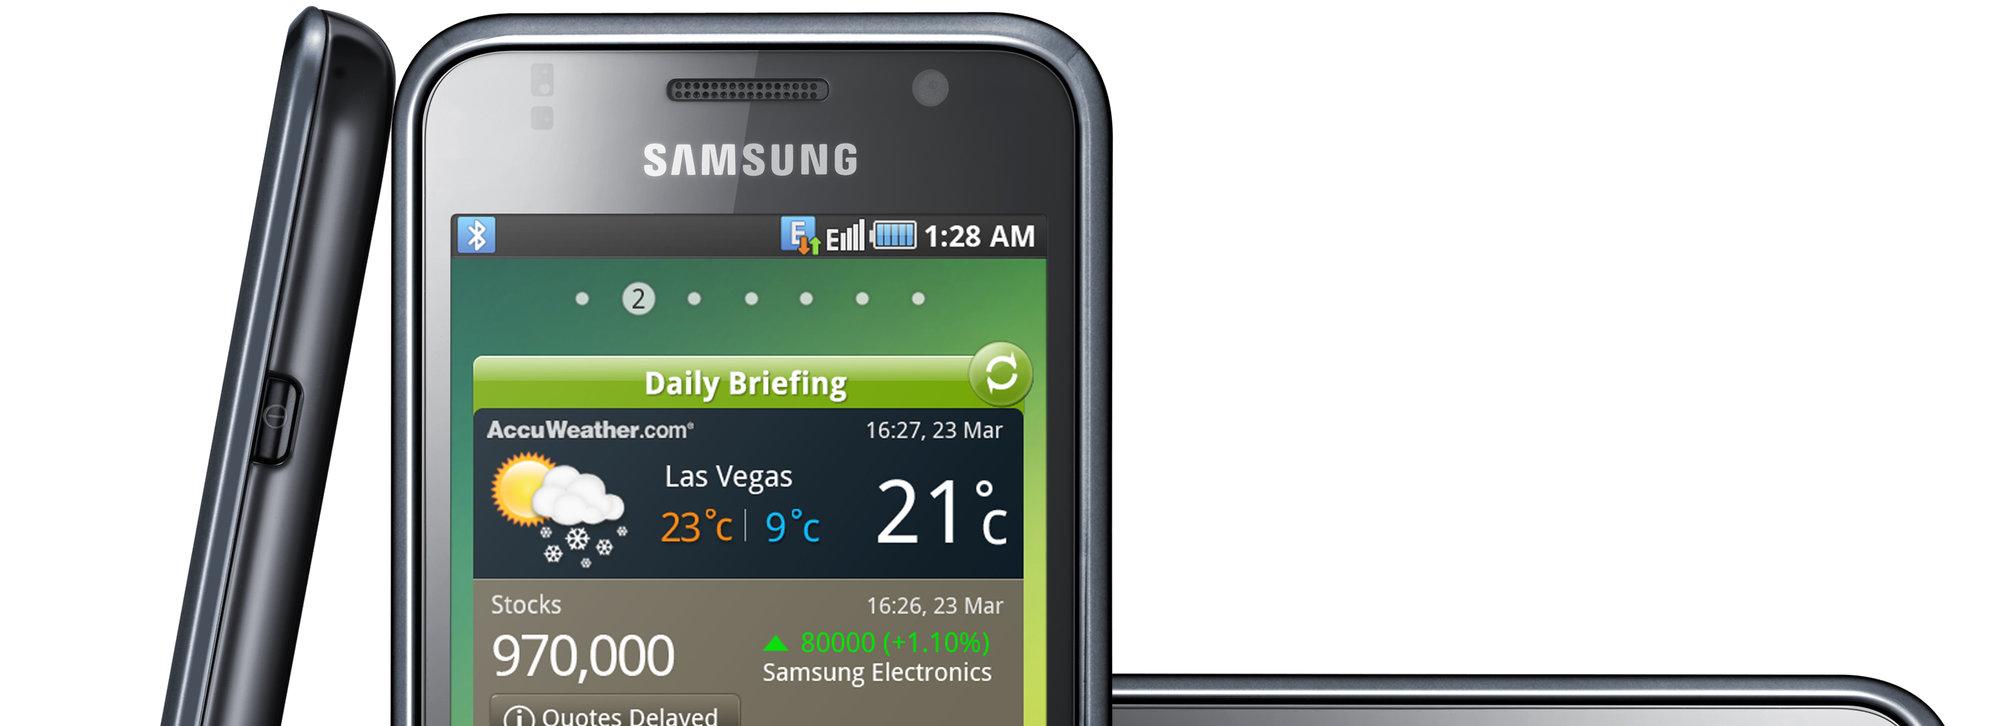 Å ga fra ett mobil-OS til et annet sitter langt inne for mange, viser nye undersøkelse.